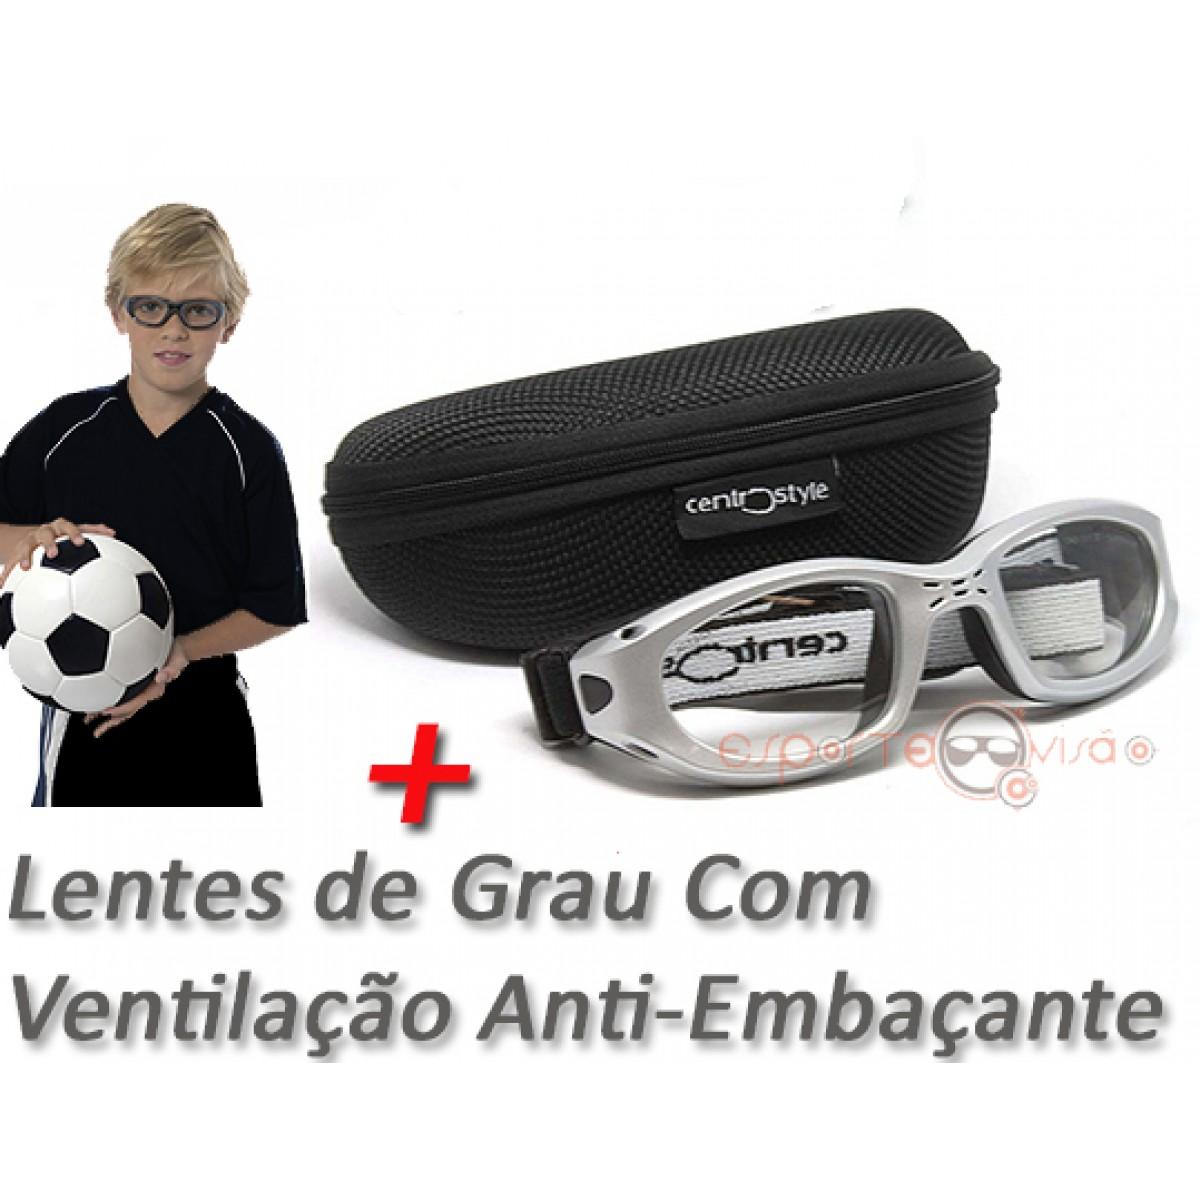 bfdf2b97f Óculos Centro Style Infantil com Grau e Sistema de Ventilação Anti-Embaçante